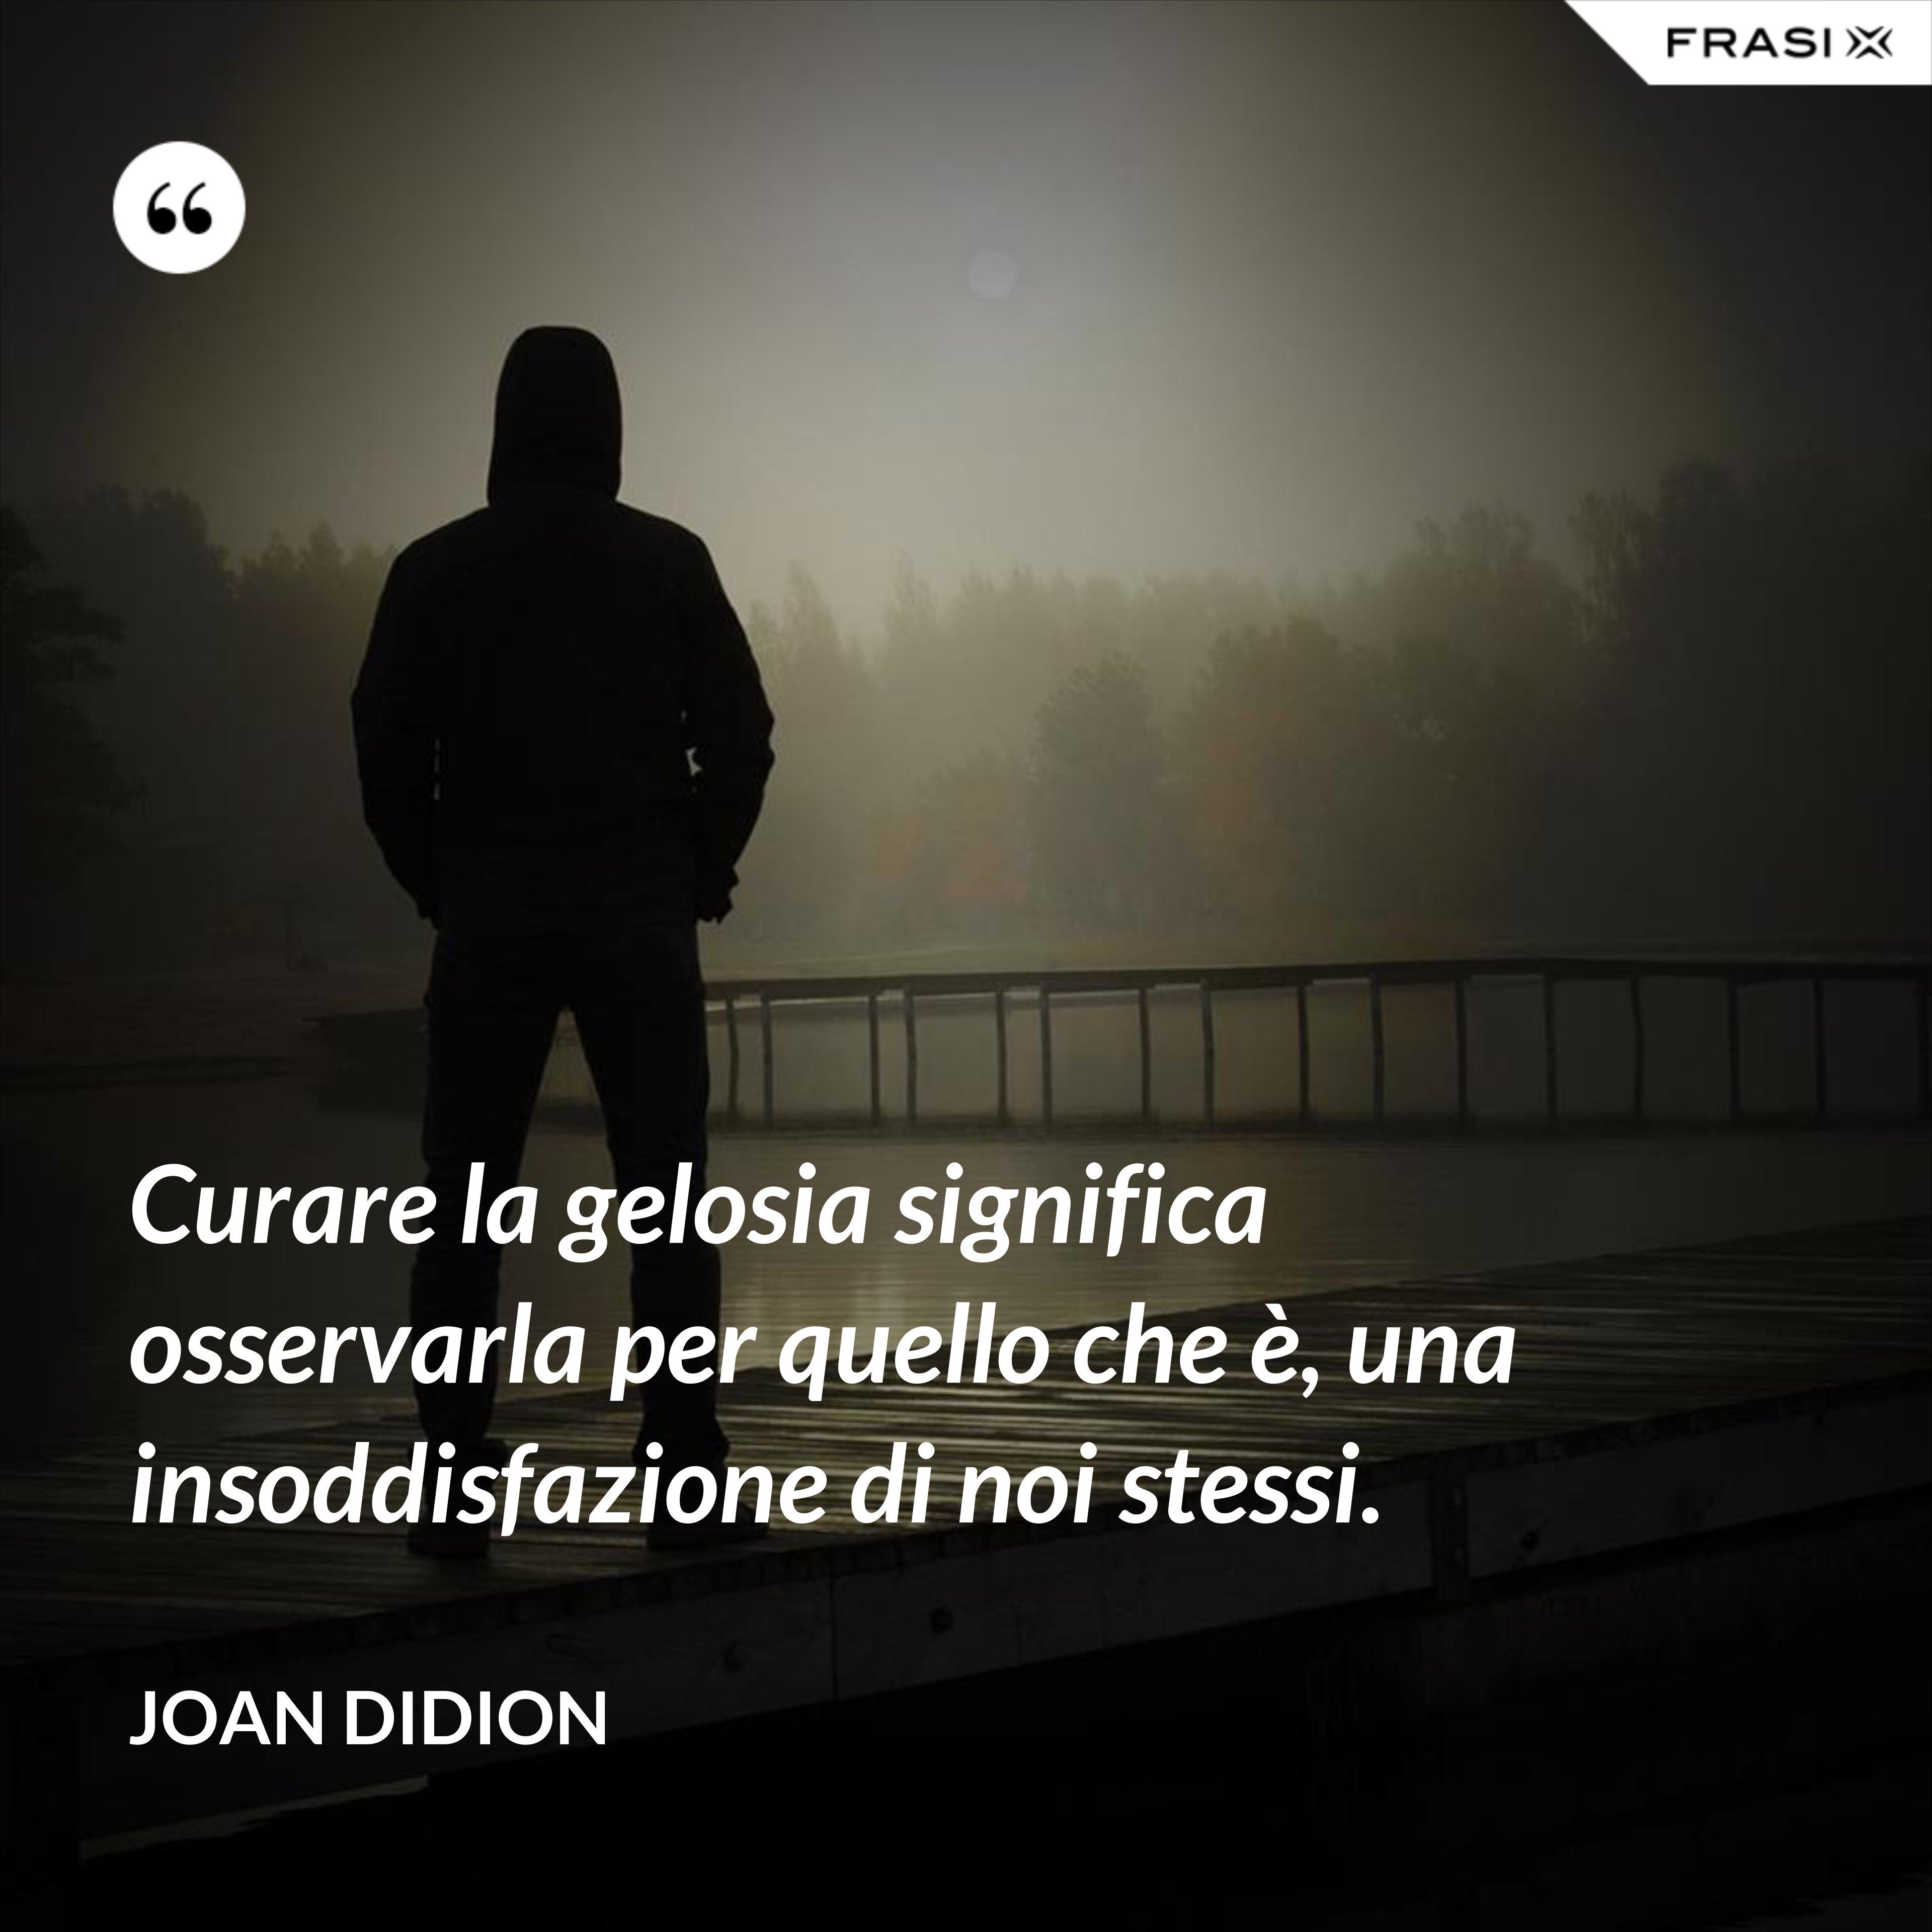 Curare la gelosia significa osservarla per quello che è, una insoddisfazione di noi stessi. - Joan Didion